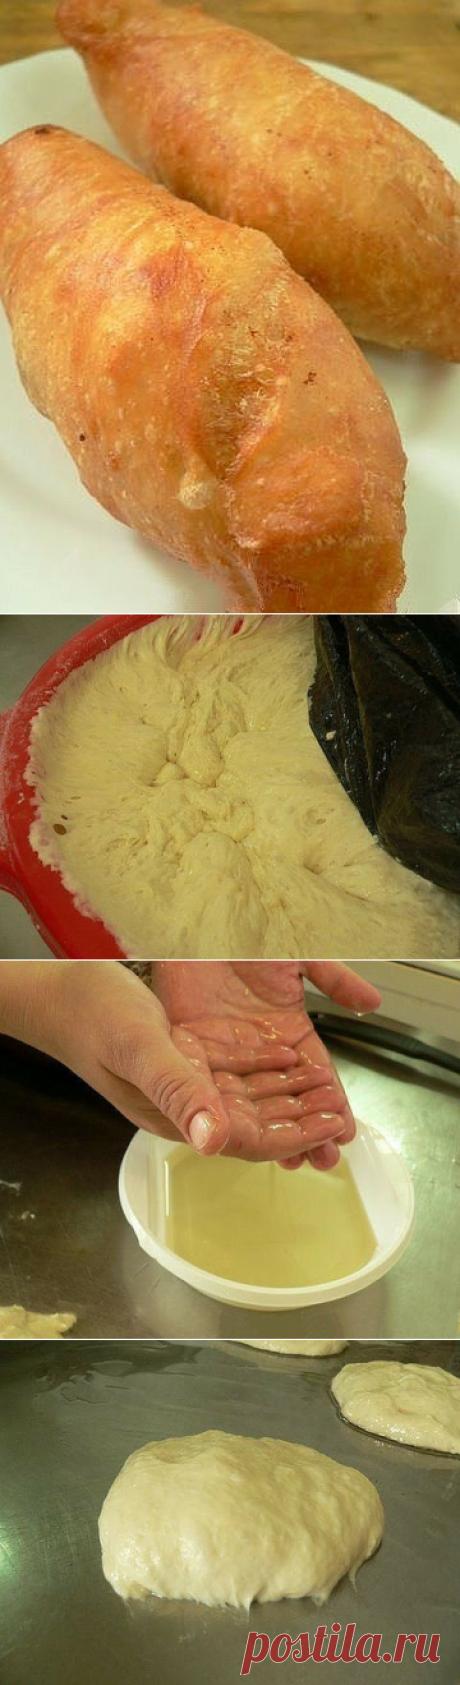 Знаменитые ливерные пирожки из жидкого теста